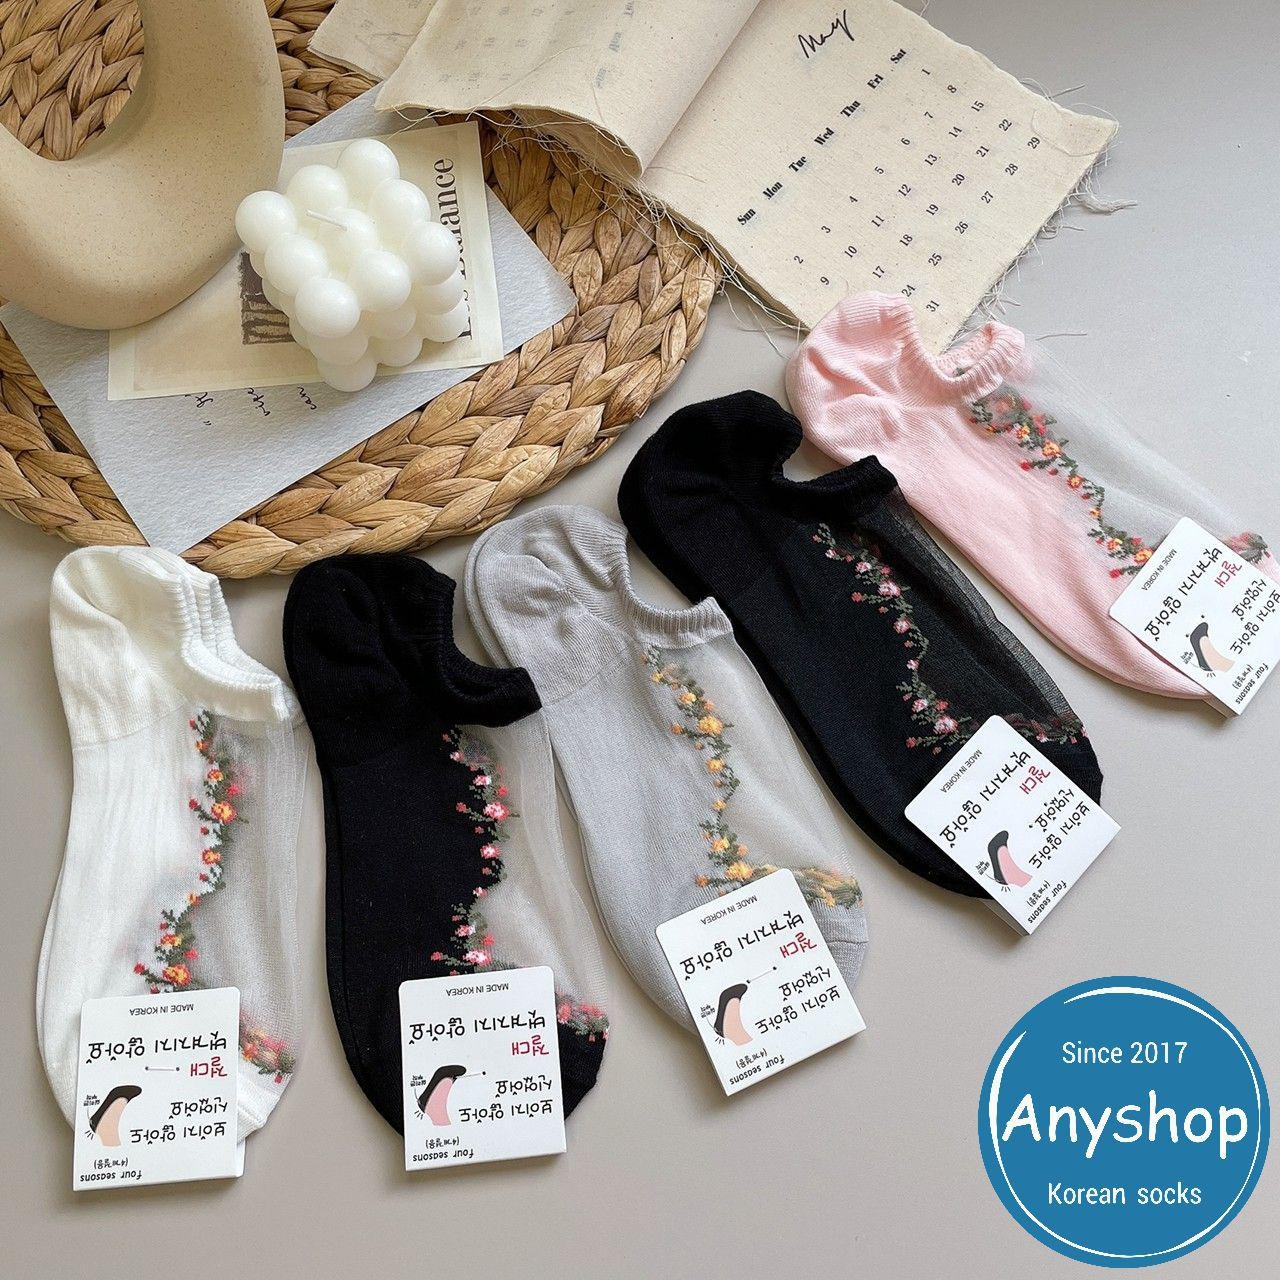 韓國襪-[Anyshop]小碎花透膚極短襪